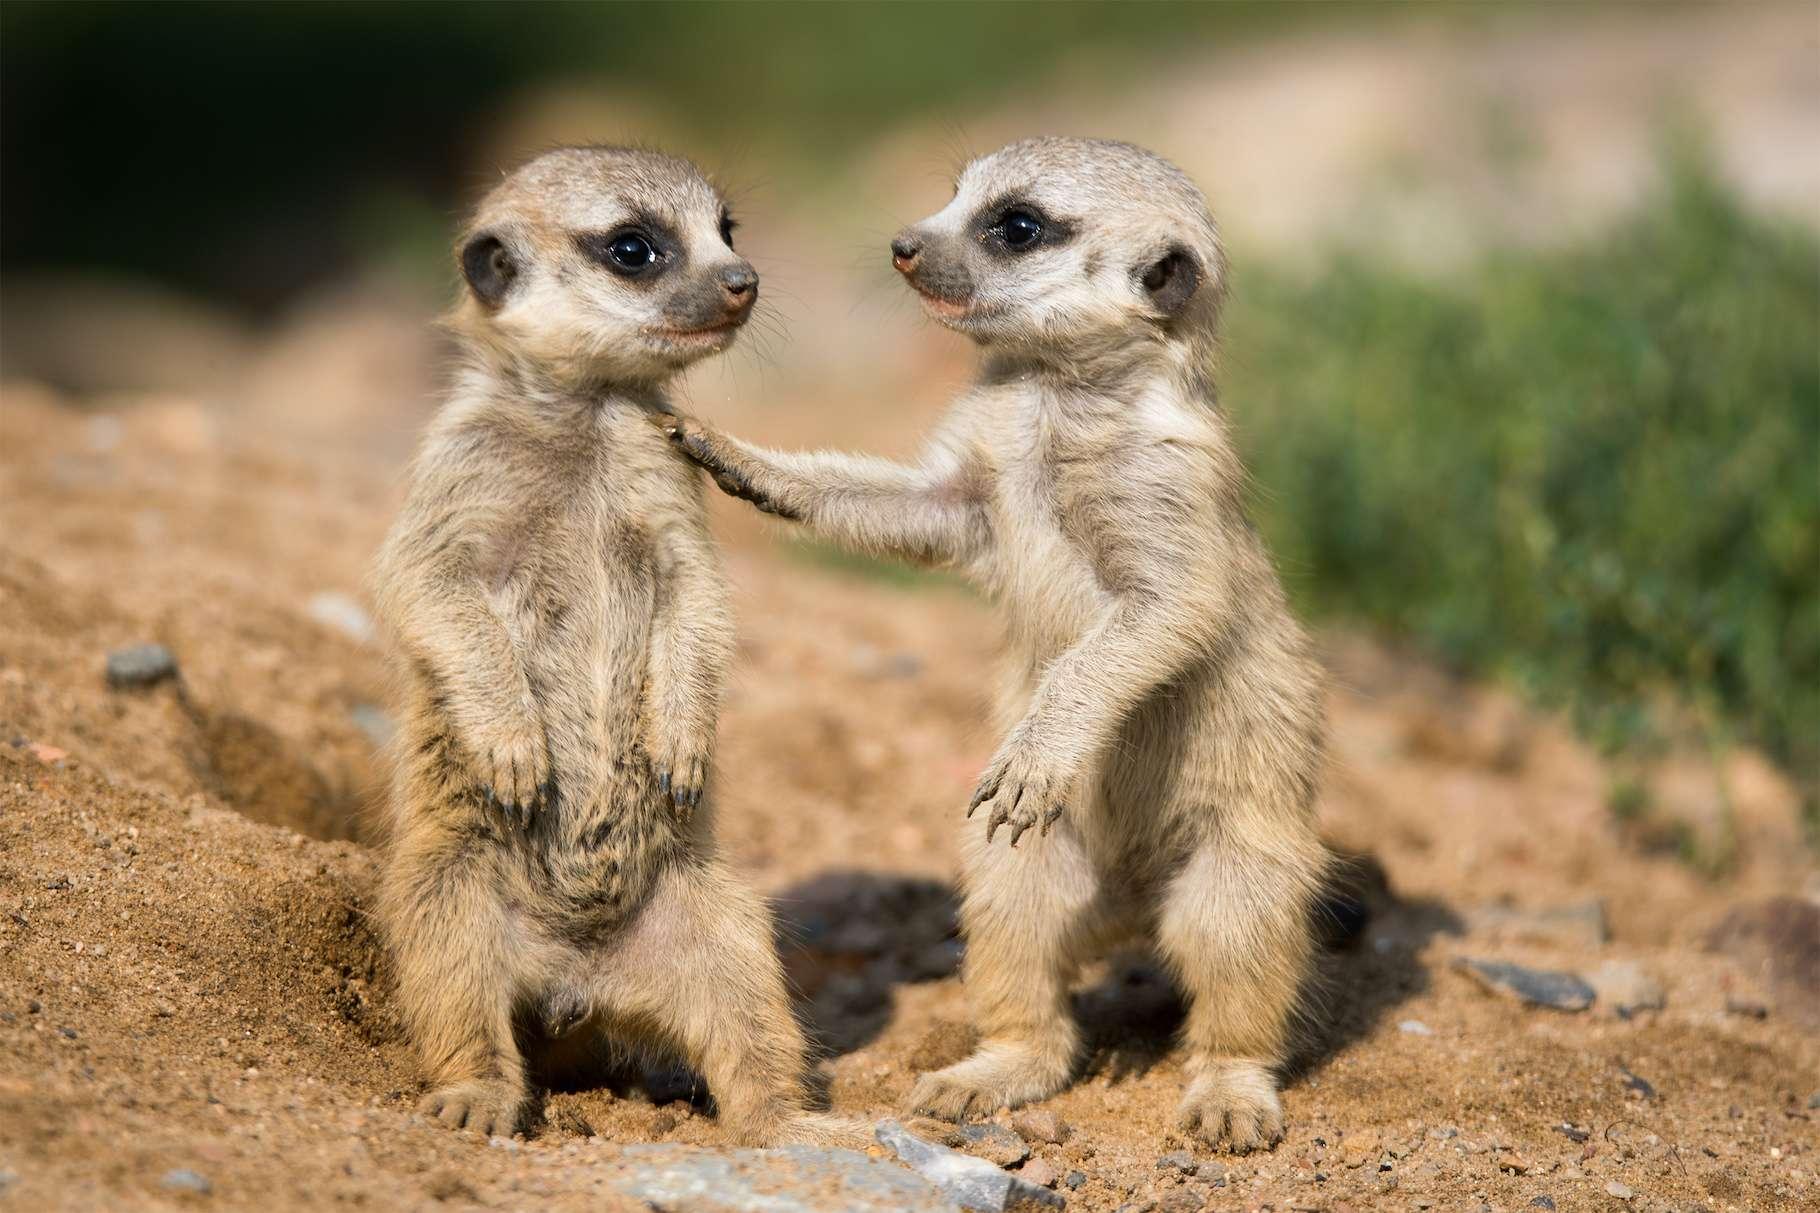 Pendant le confinement, privés de visiteurs humains, les suricates de nos zoos se sont montrés moins actifs et moins amicaux les uns envers les autres. © Cloudtail, Adobe Stock